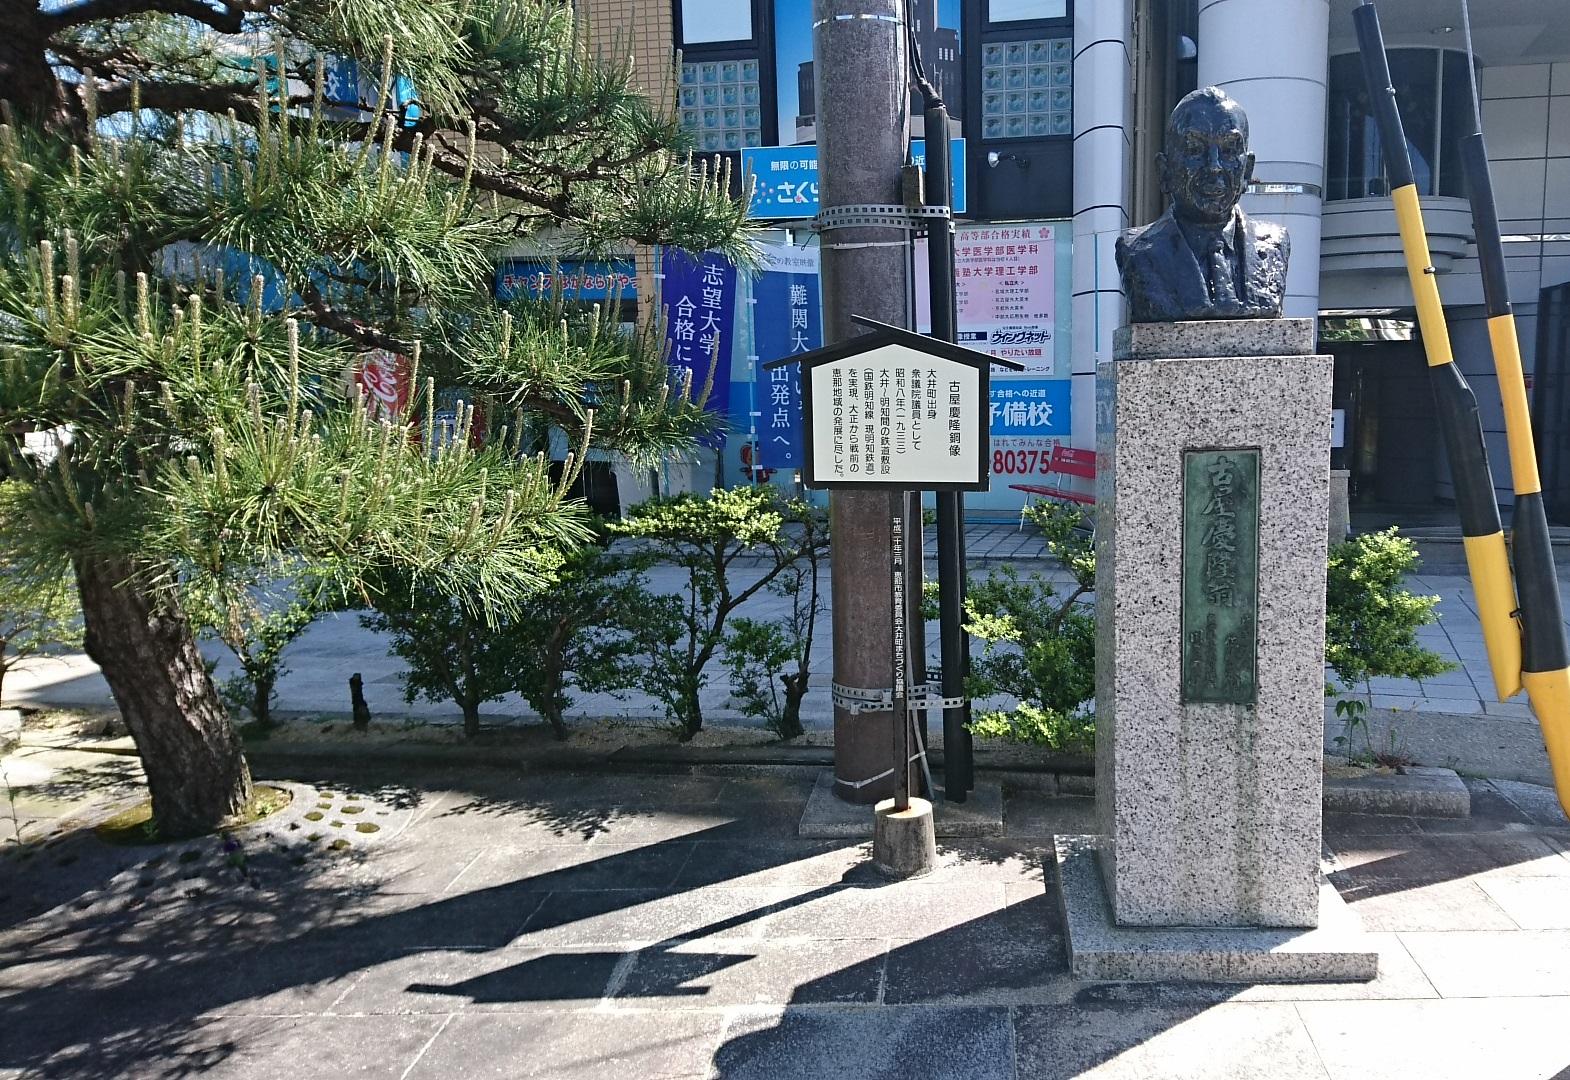 2017.5.19 大井 (20) 古屋慶隆銅像 1570-1080